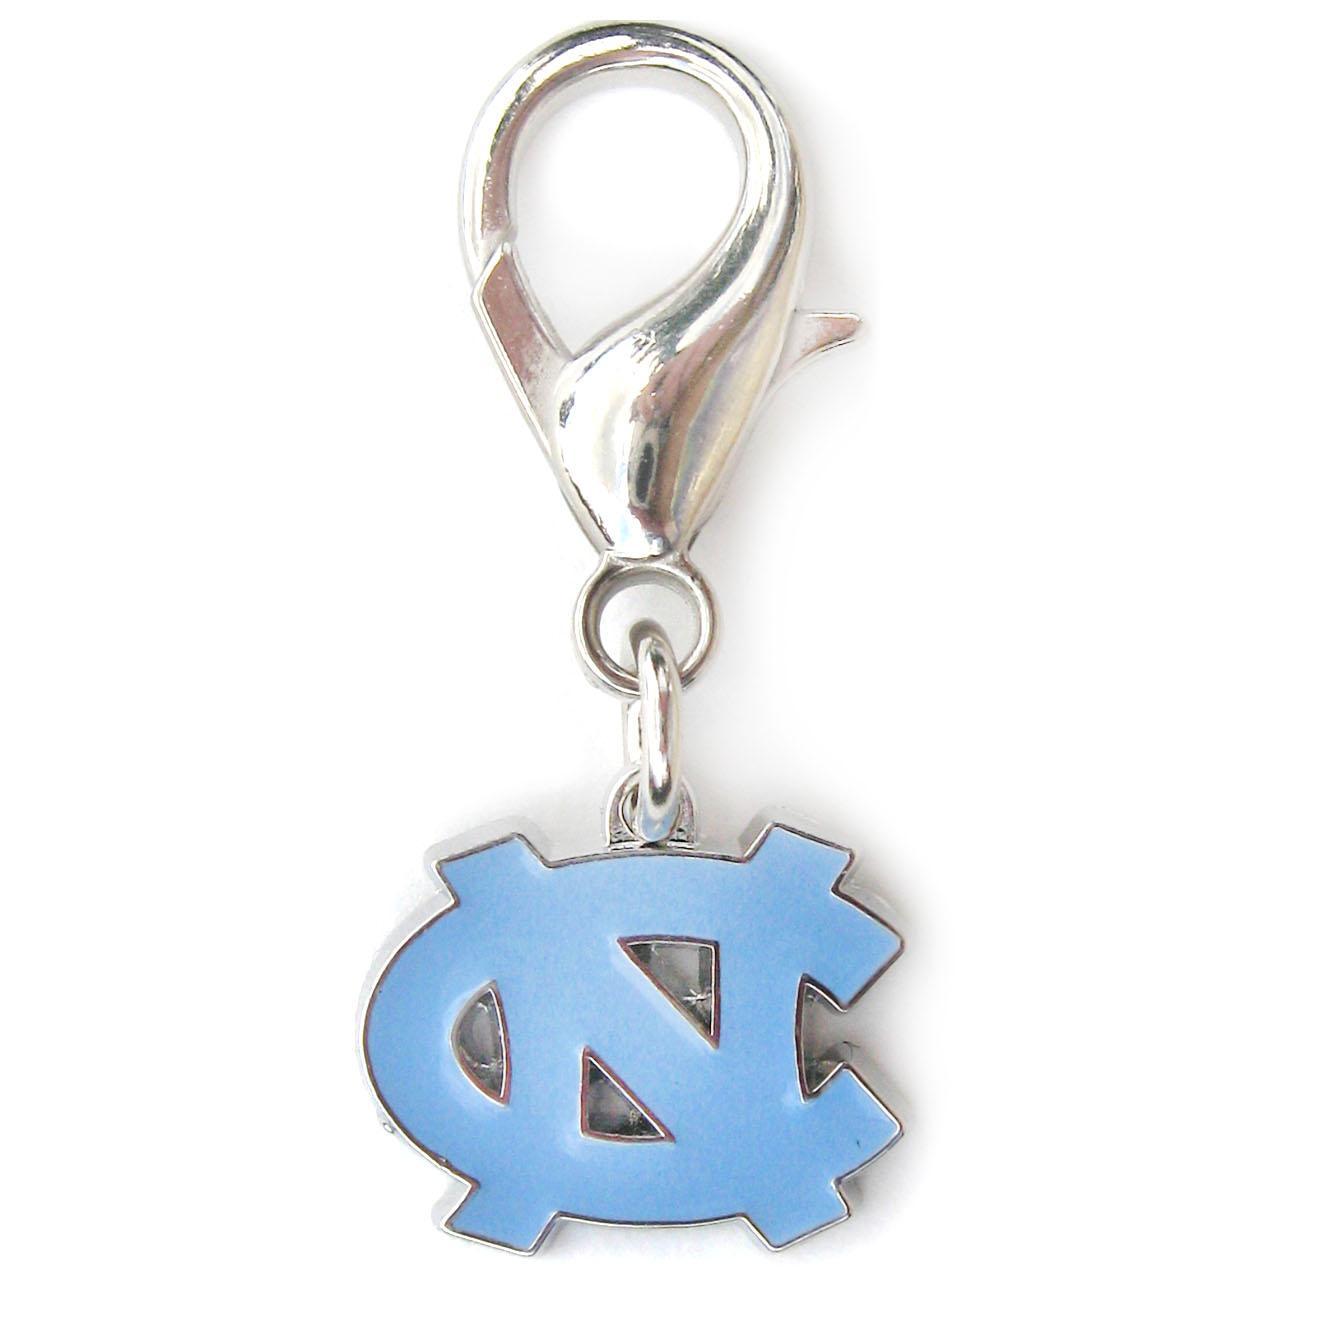 University of North Carolina Tarheels Dog Collar Charm